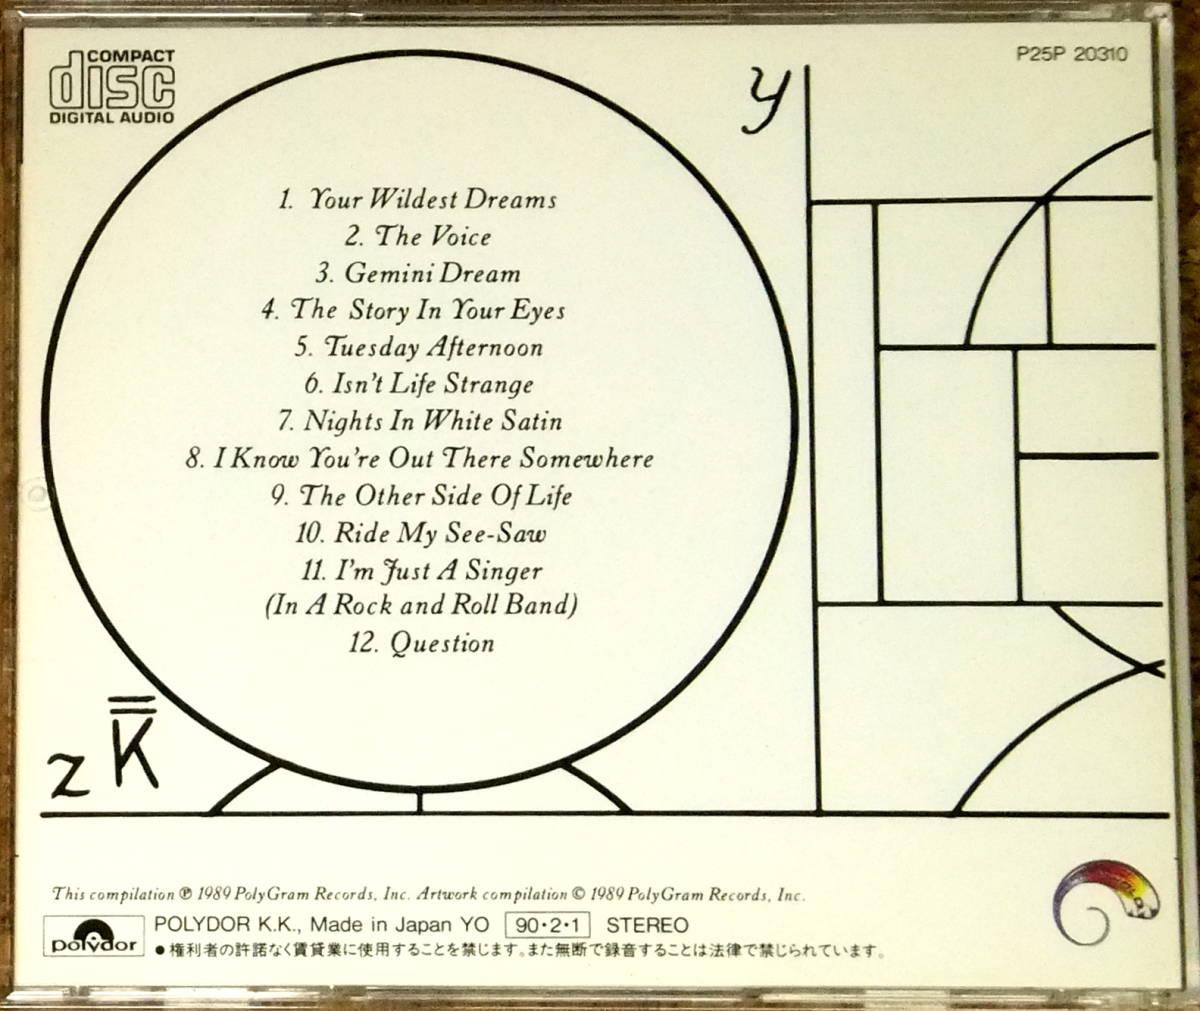 ムーディー・ブルース/グレイテスト・ヒッツ■日本盤,P25P-20310■The Moody Blues/Greatest Hits■サテンの夜,魂の叫び,神秘な世界_画像4